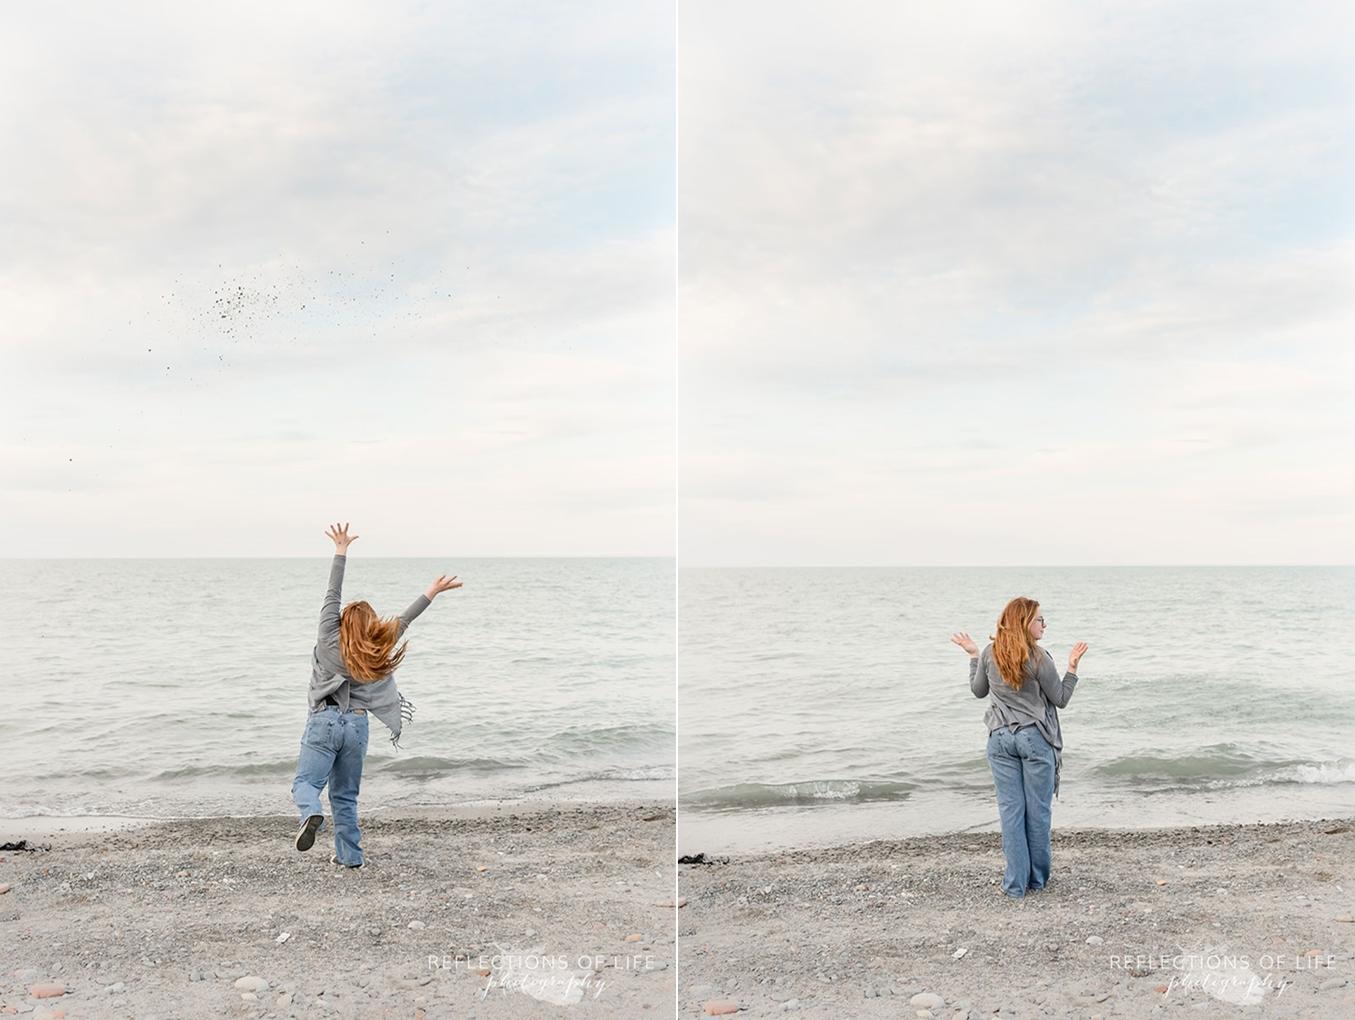 Redhead girl throwing rocks into grimsby beach